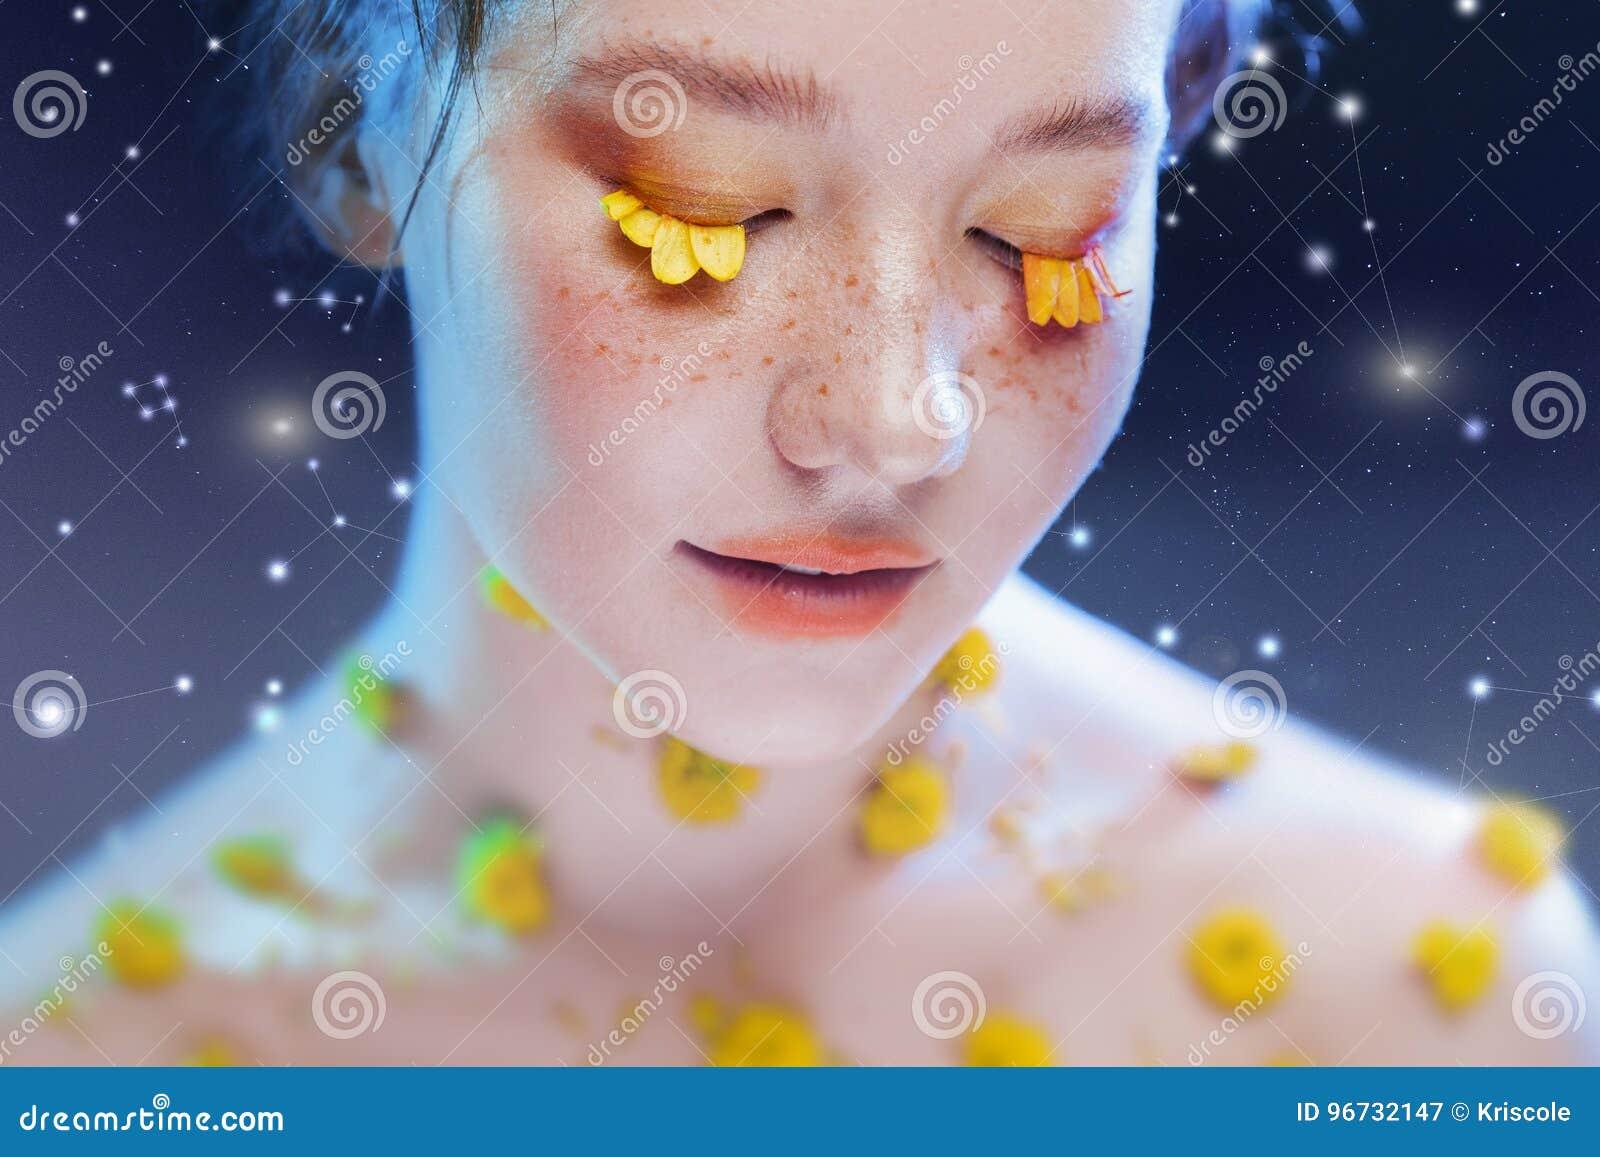 Härlig ung flicka i bilden av flora, närbildstående Sagolik stående på en stjärnklar bakgrund